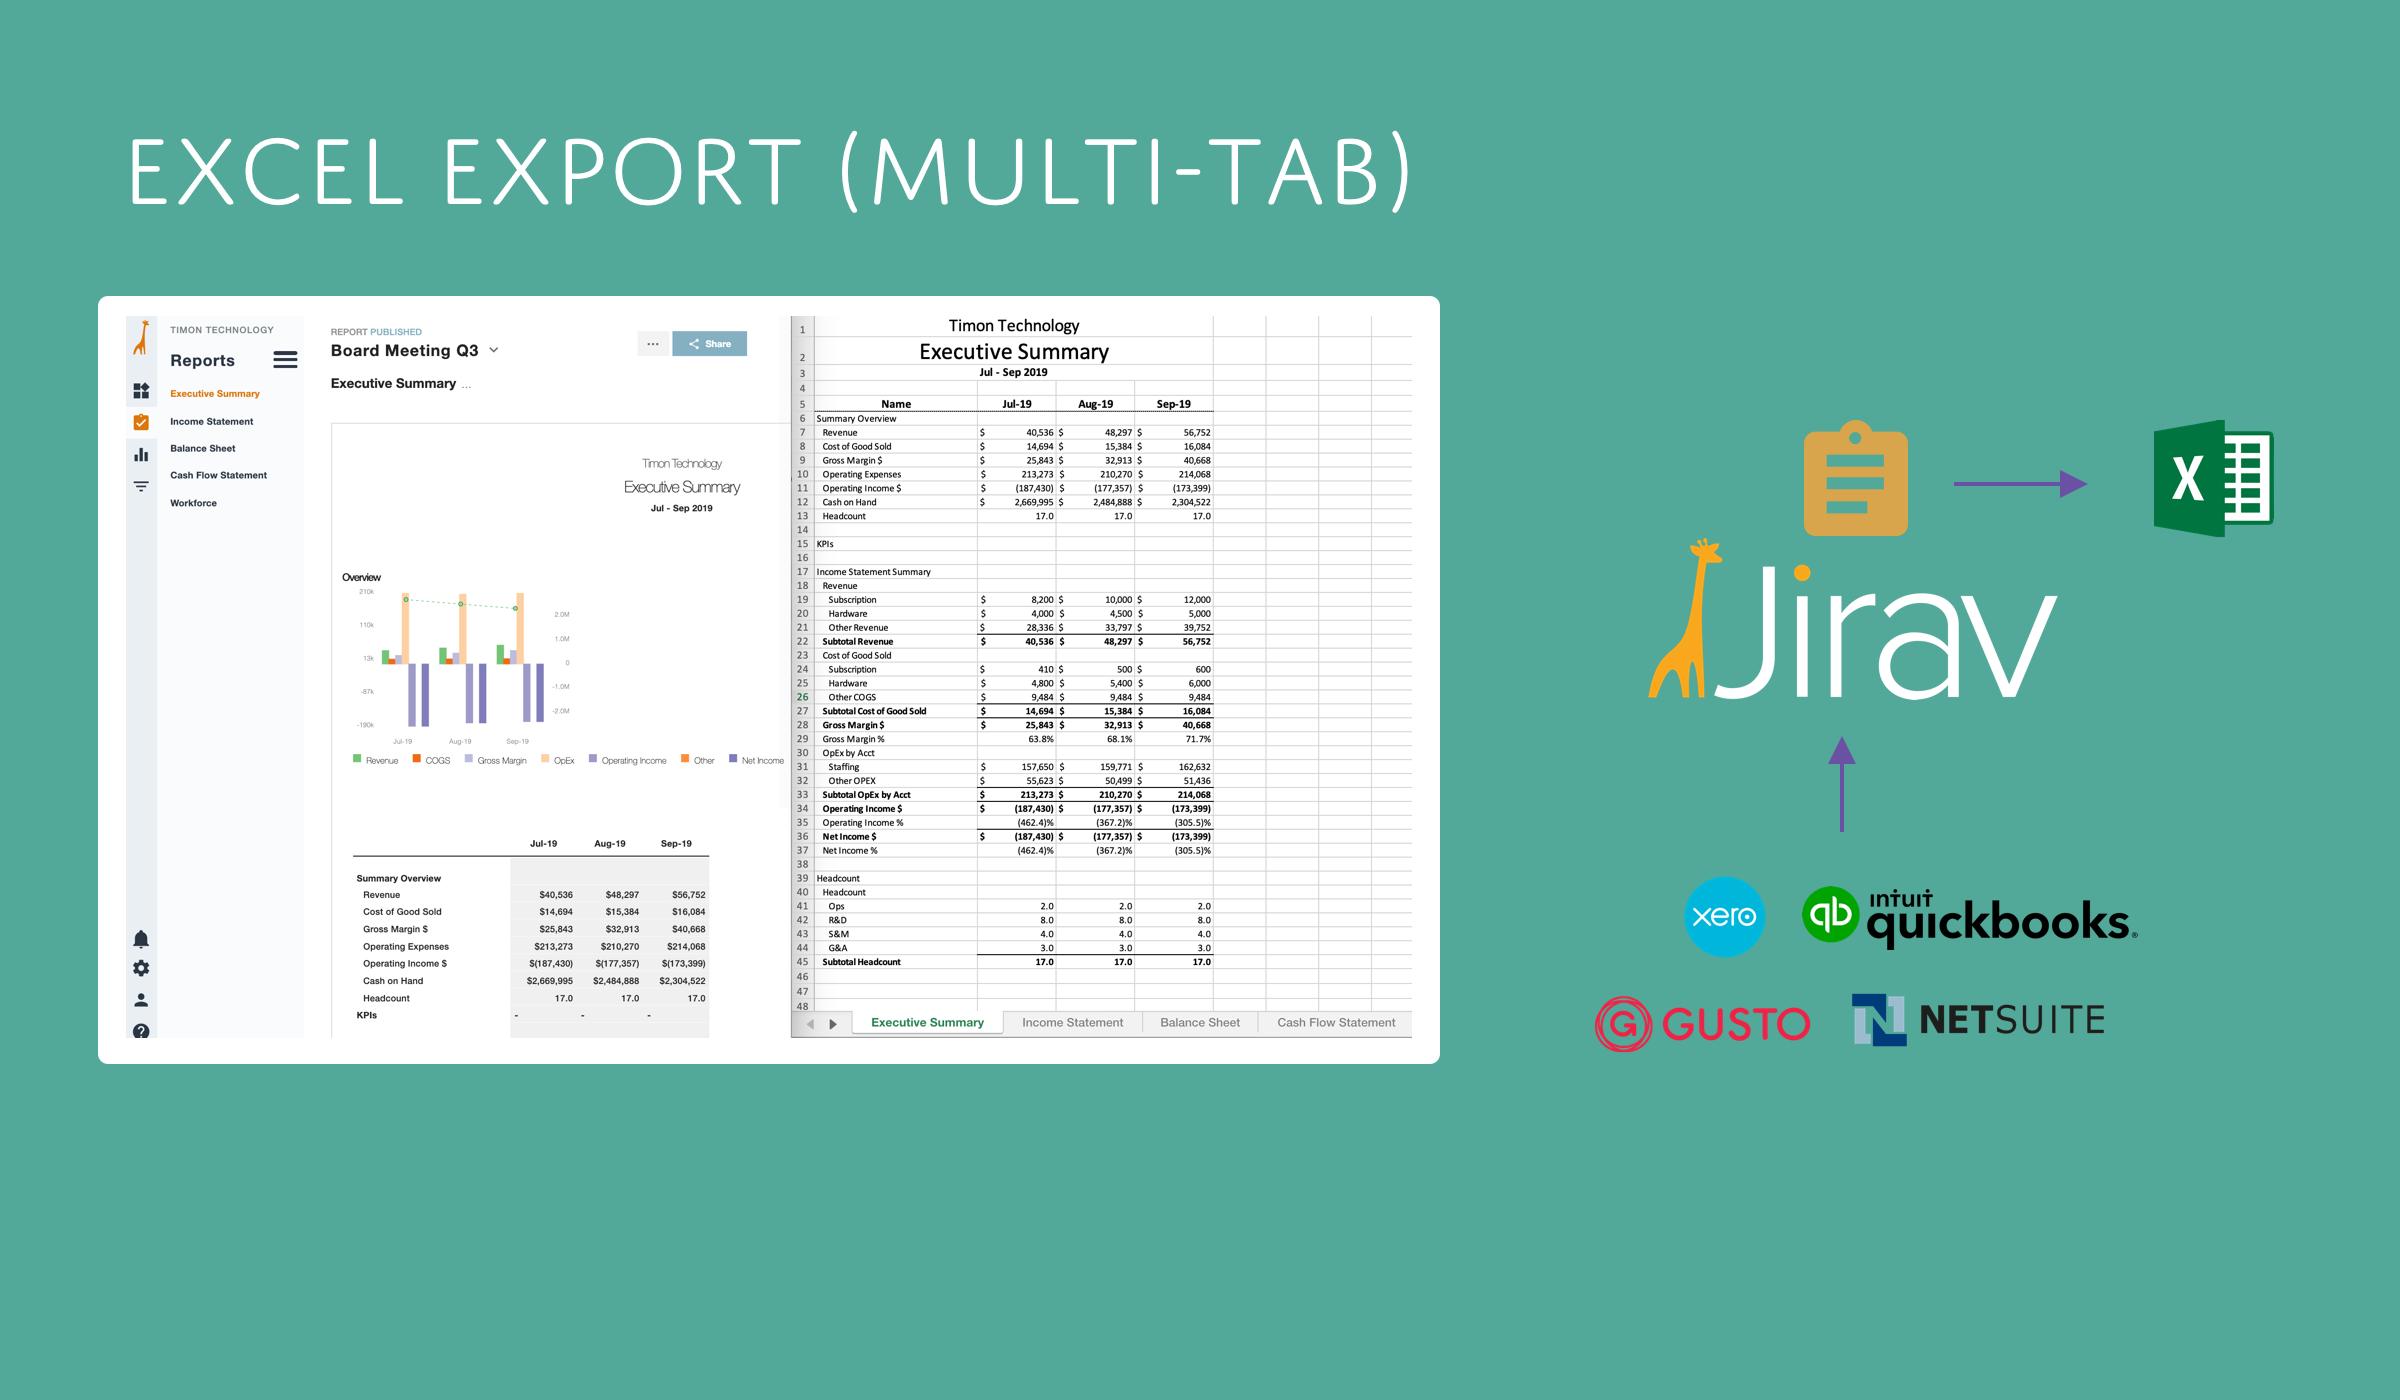 Excel Export Multi-tab